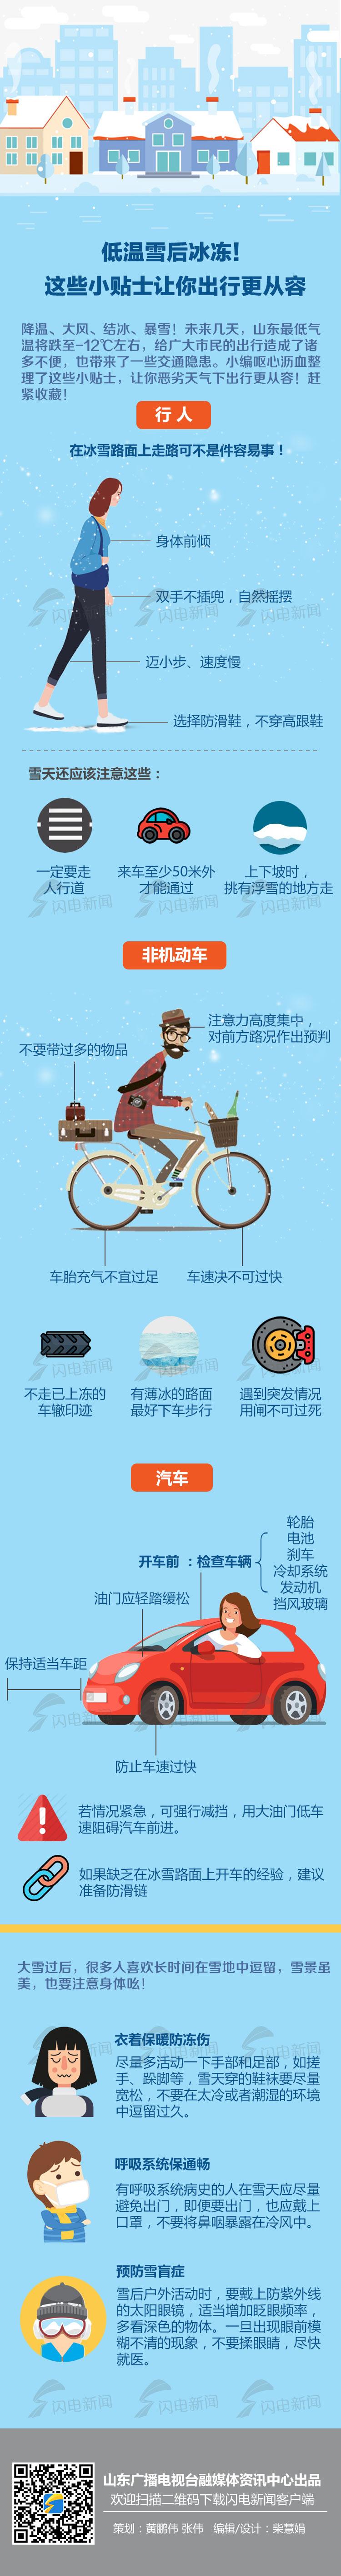 0110-雪天小贴士.jpg